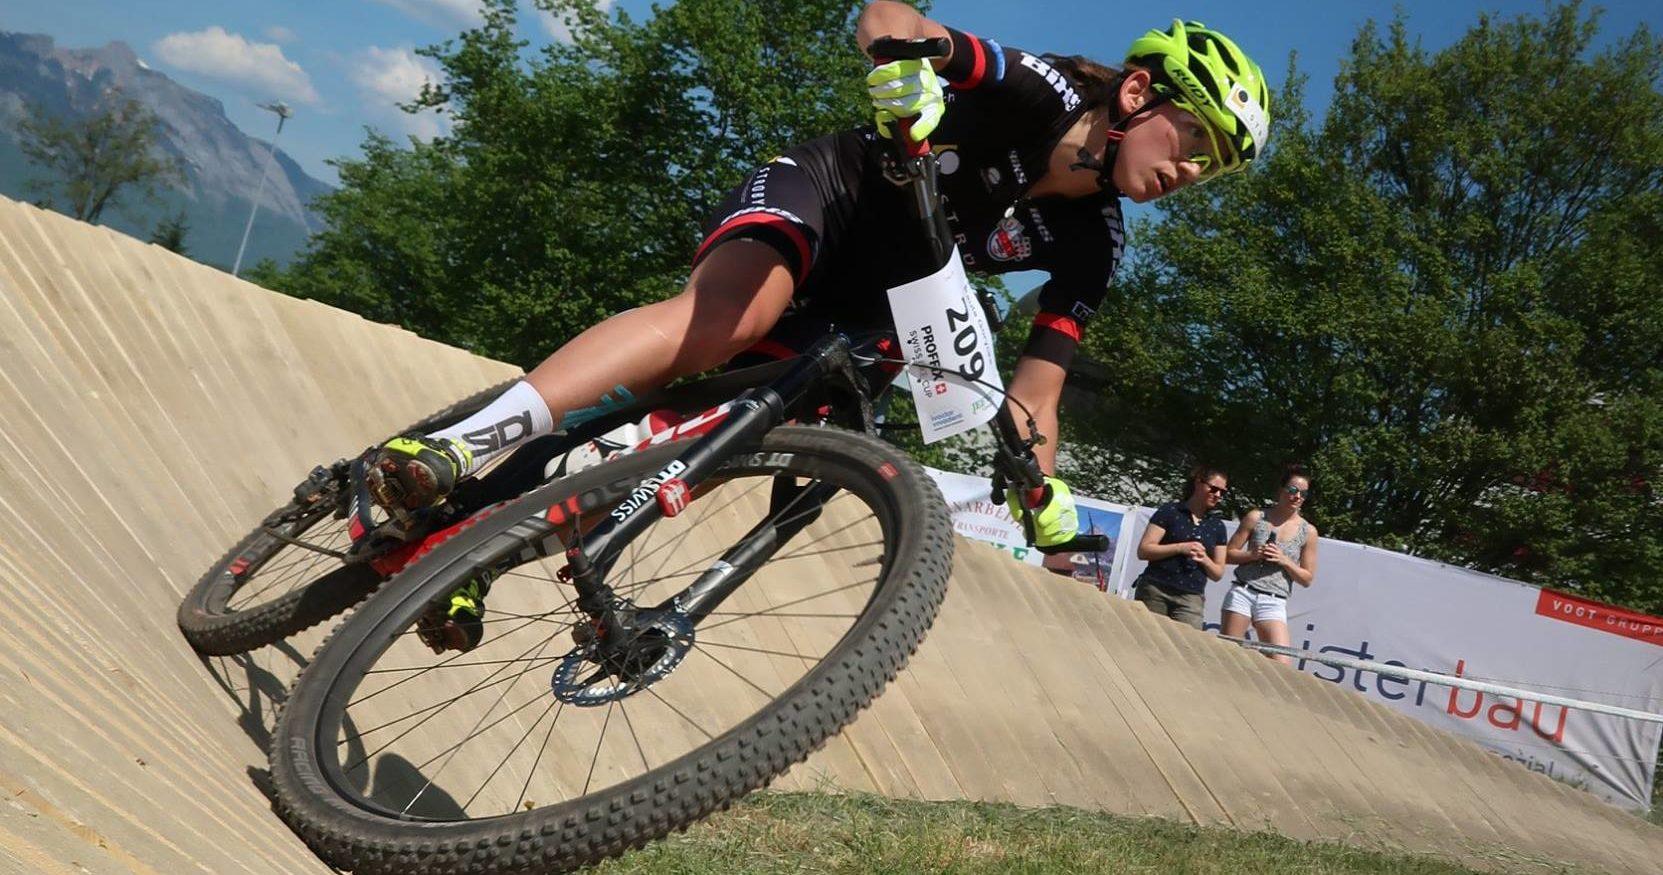 Paula Gorycka (Struby Bixs) – Proffix Swiss Bike Cup, Schaan